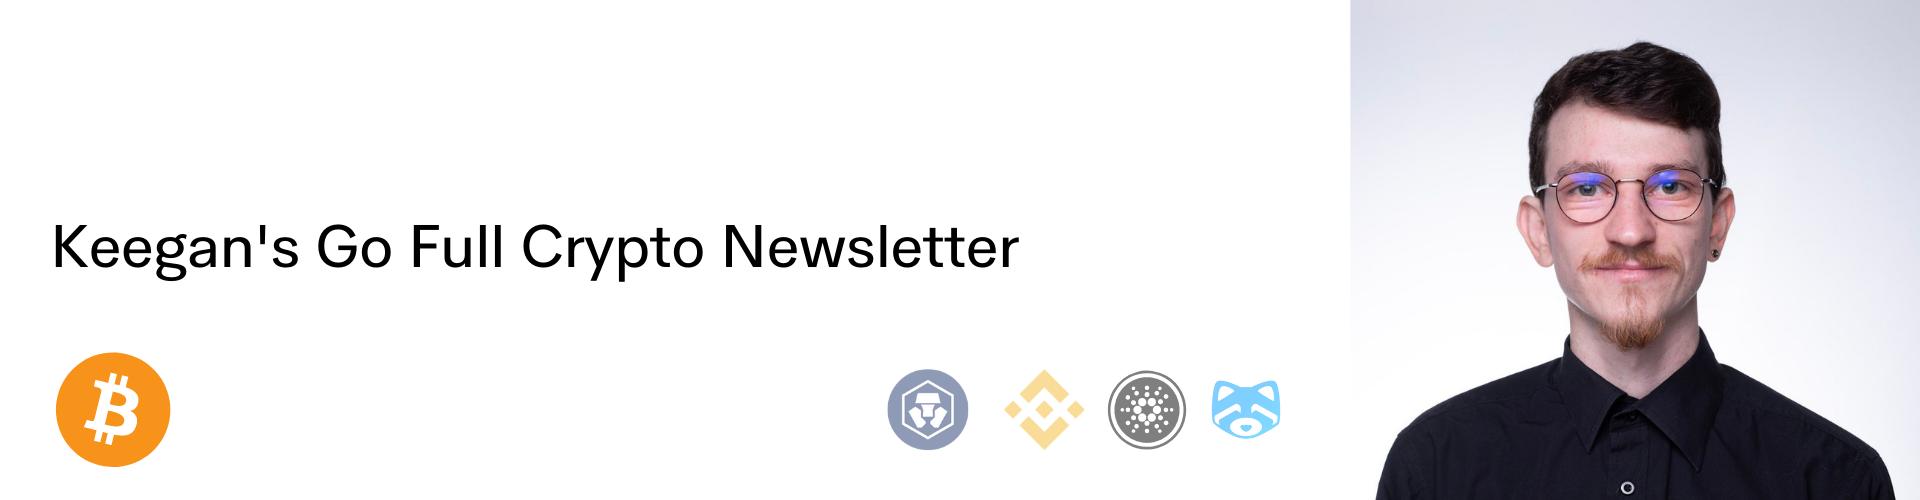 Keegan Goes Full Crypto - Newsletter